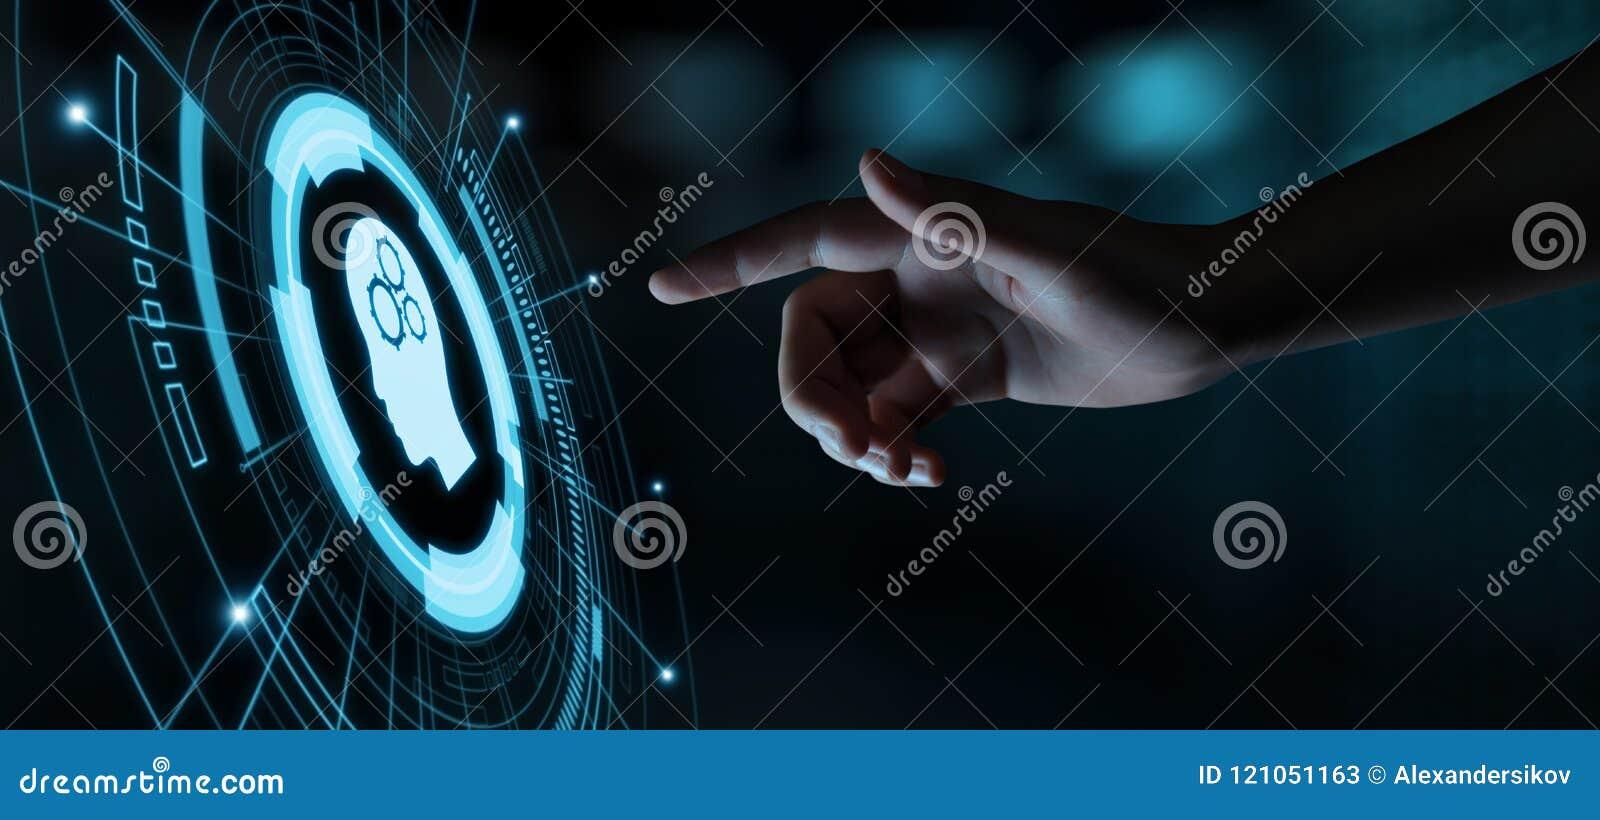 Conceito do Internet da tecnologia do negócio da aprendizagem de máquina do AI da inteligência de Digitas Brain Artificial